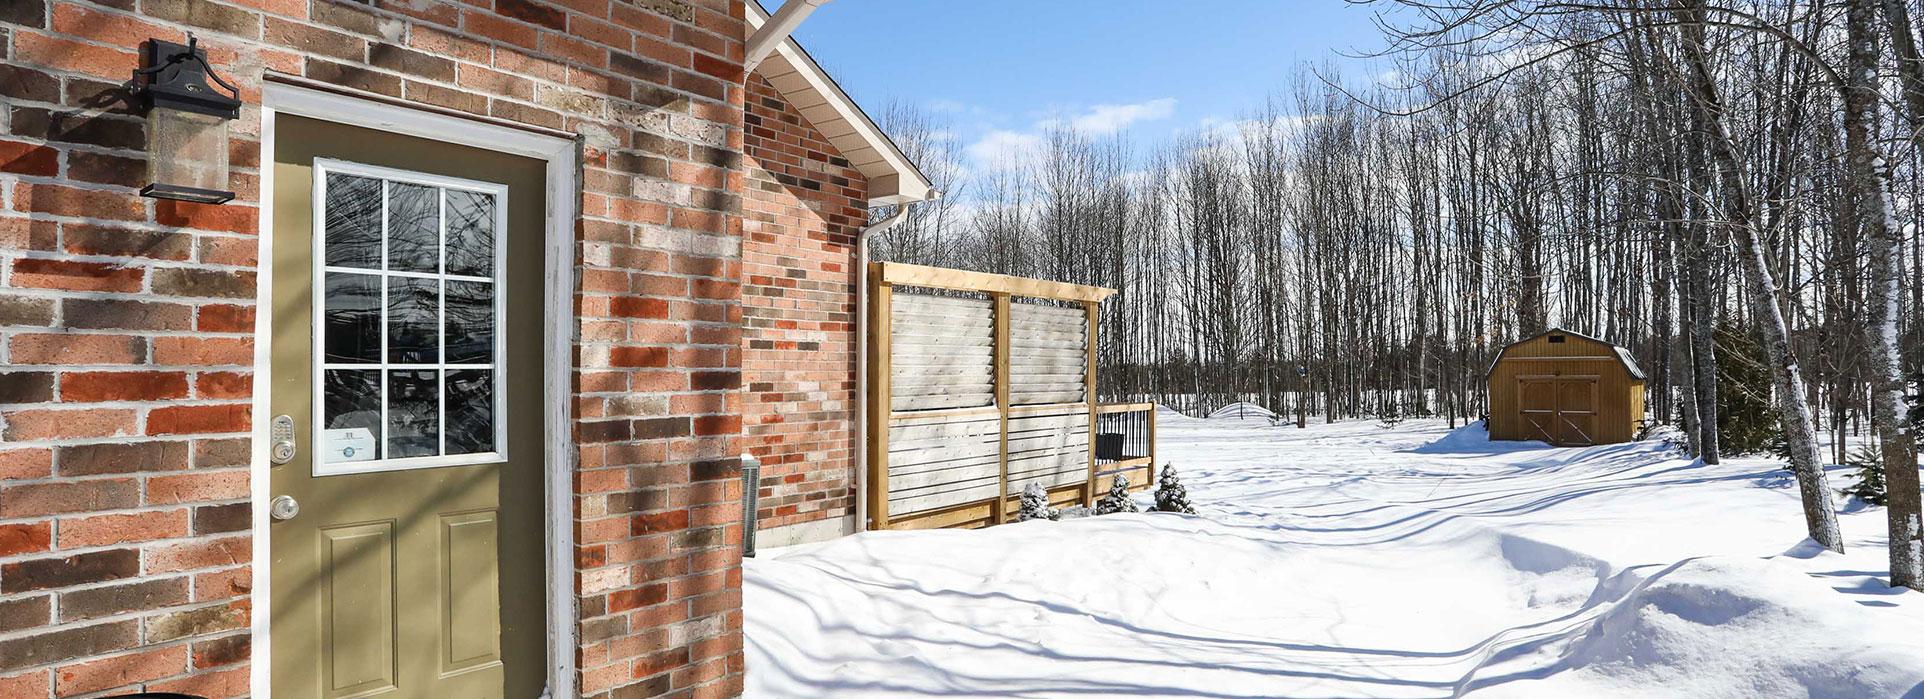 29 Merrington Avenue - Backdoor/ Garage Door - Cripps Realty